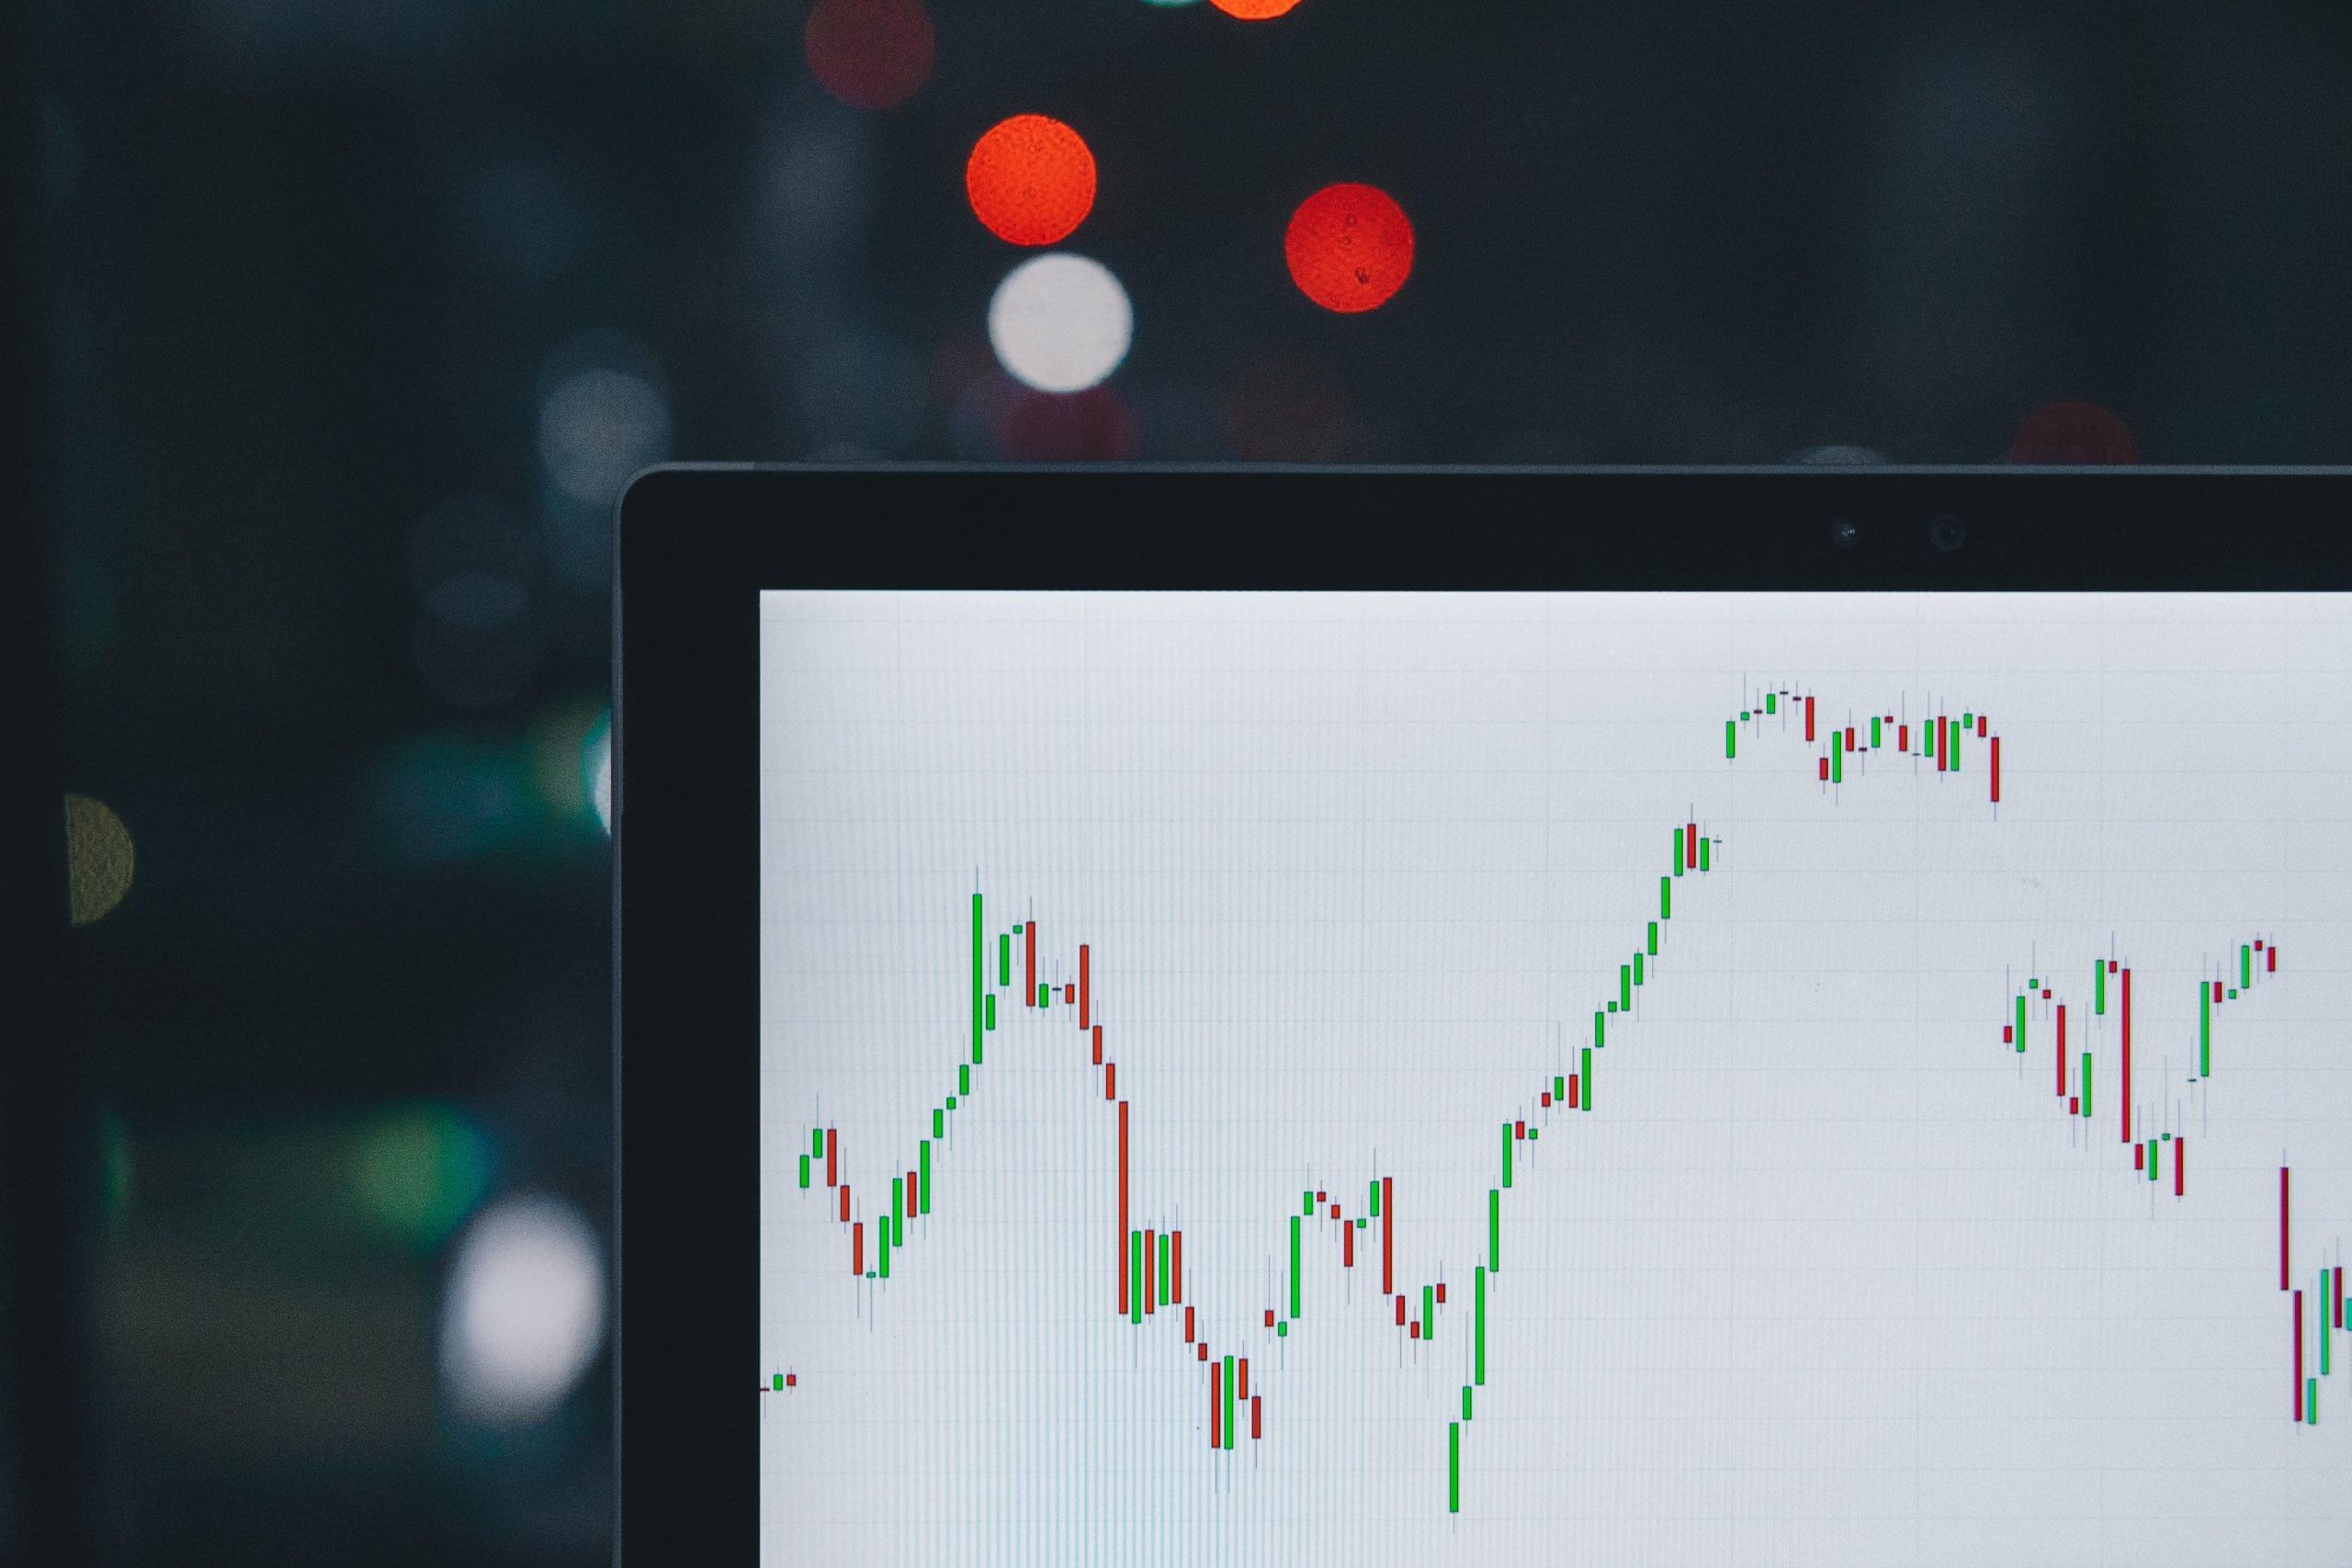 bourse, bourse, valorisation, valorisation boursière, survalorisation, stock market, valorisation des bourses, actions, taux, finance, obligations, trader, trading, banques, banque, banking, survalorisation des bourses